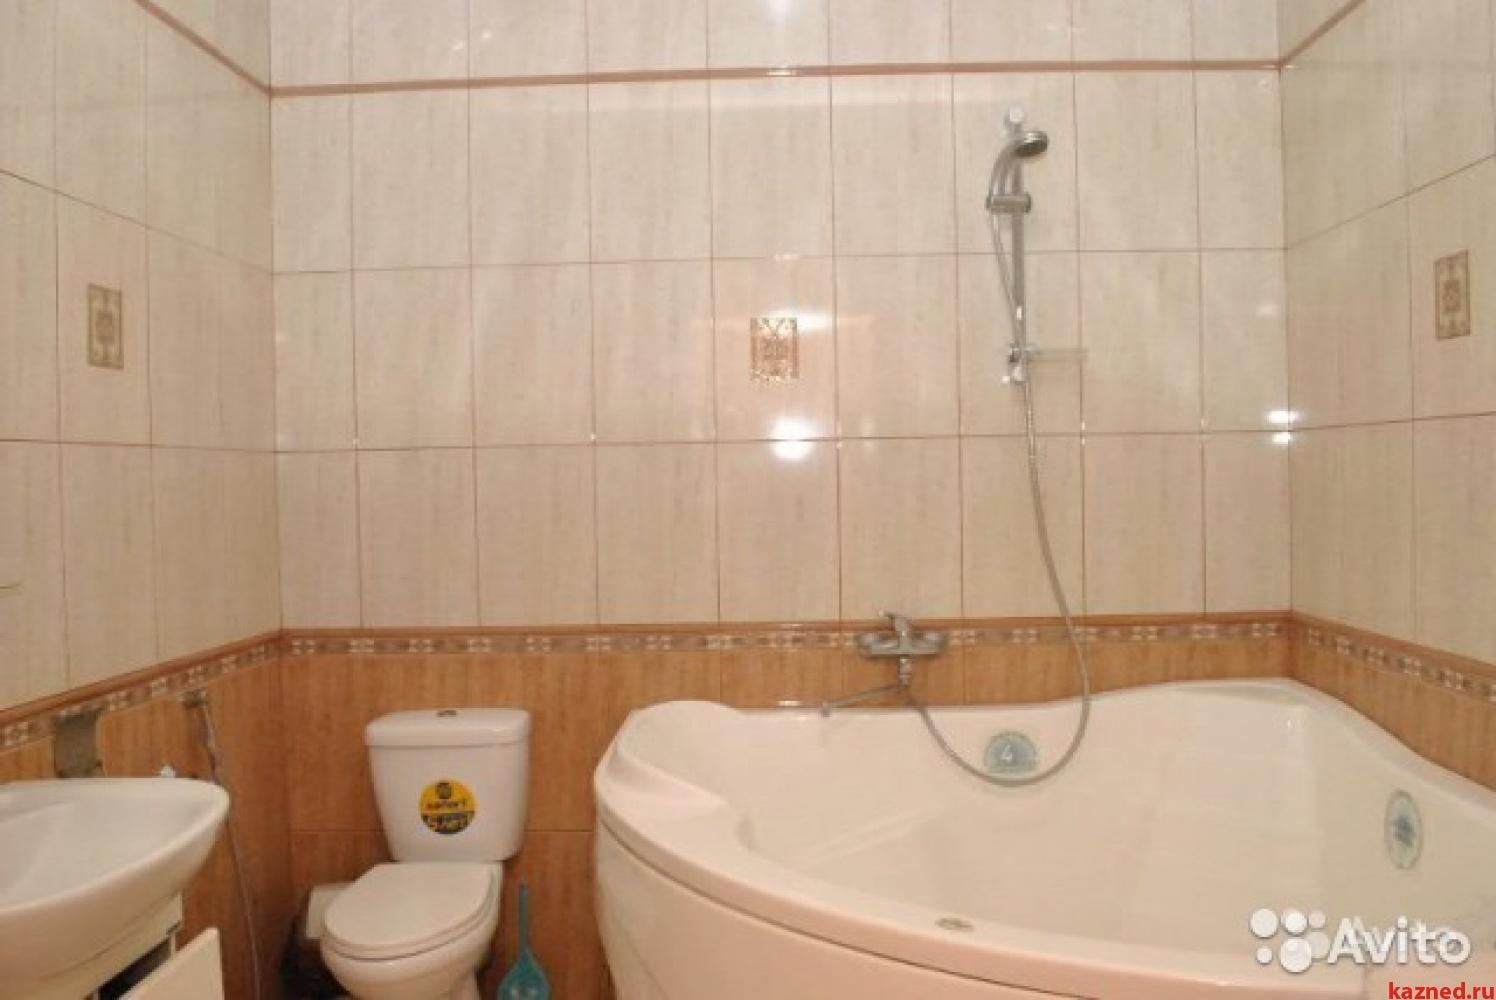 Продажа 3-к квартиры Николая Столярова,5, 117 м²  (миниатюра №1)